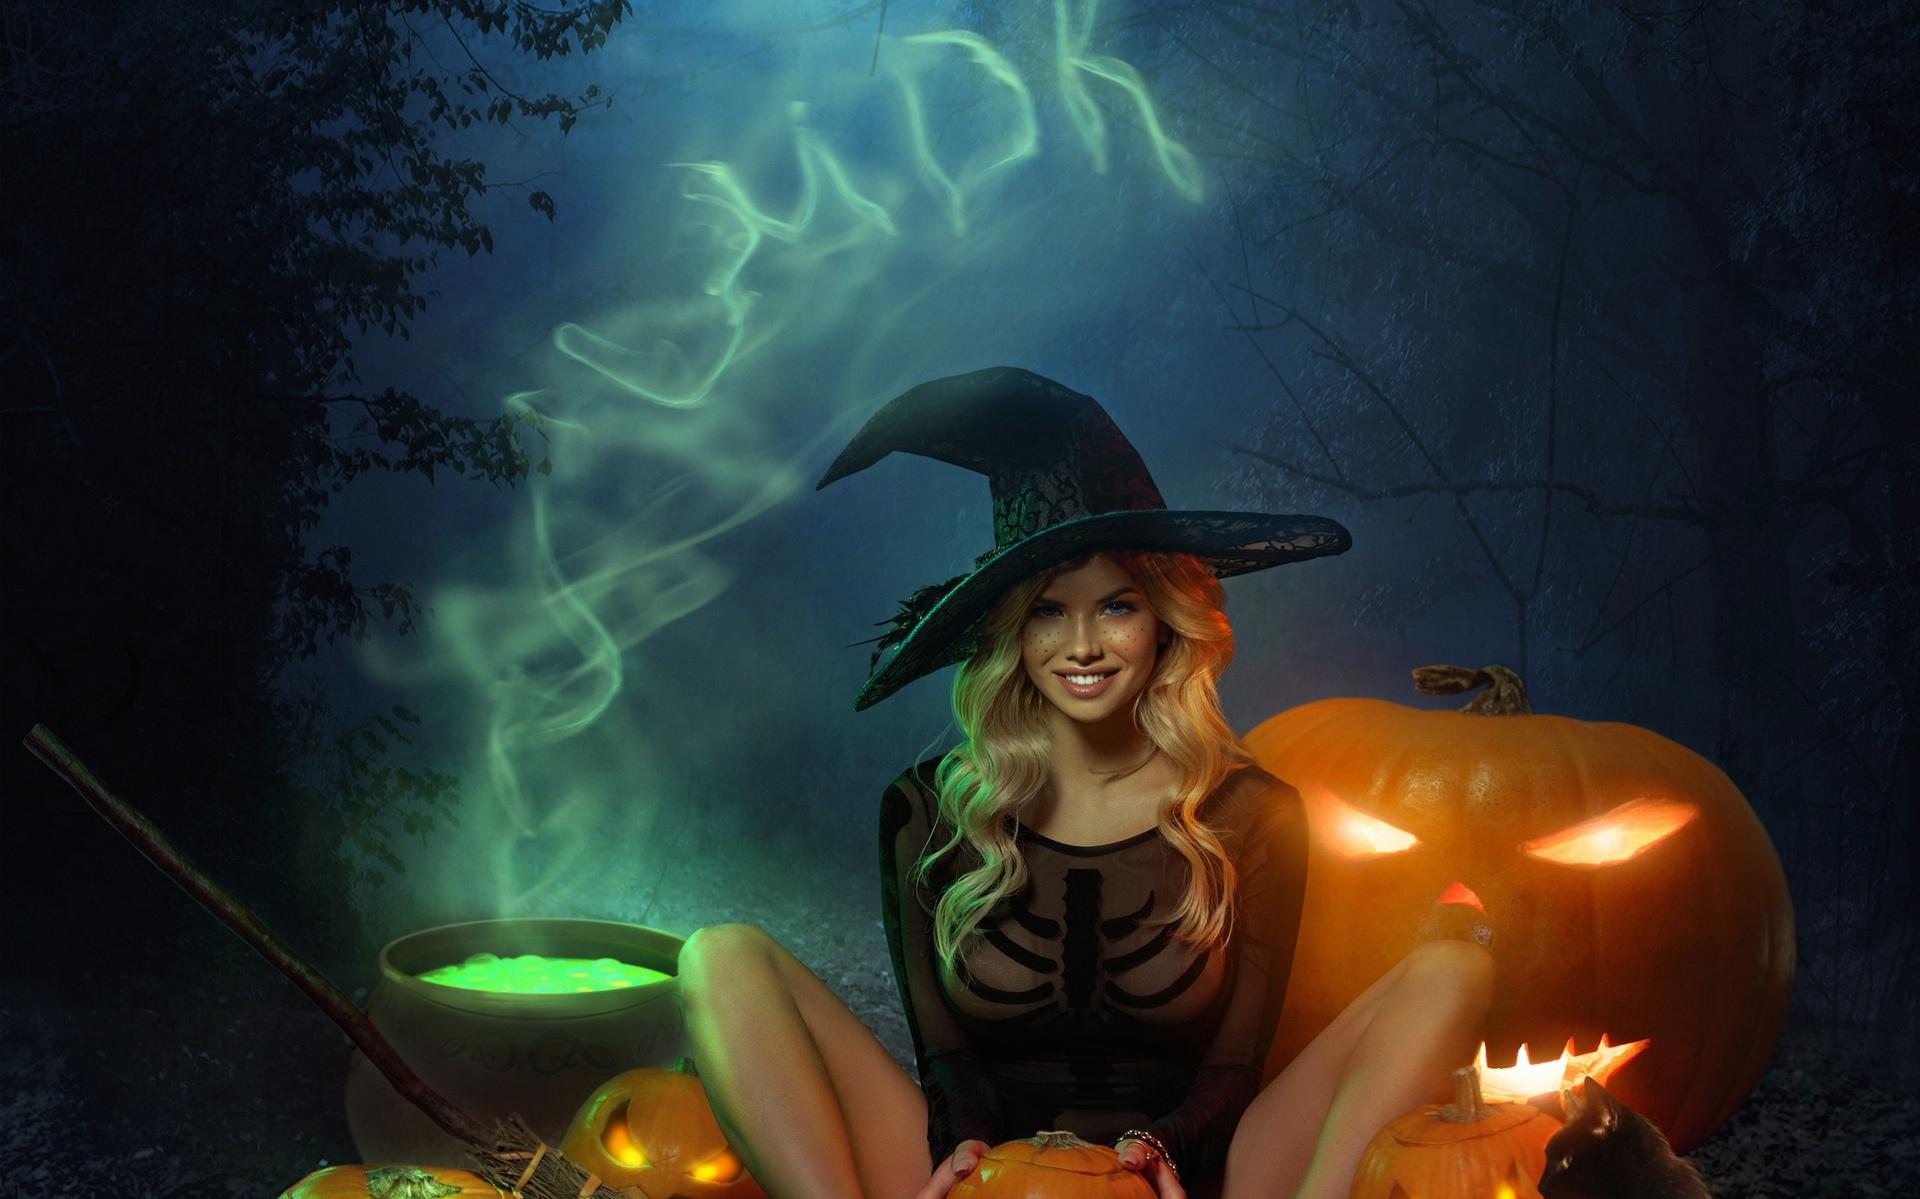 Картинки с ведьмами большого разрешения